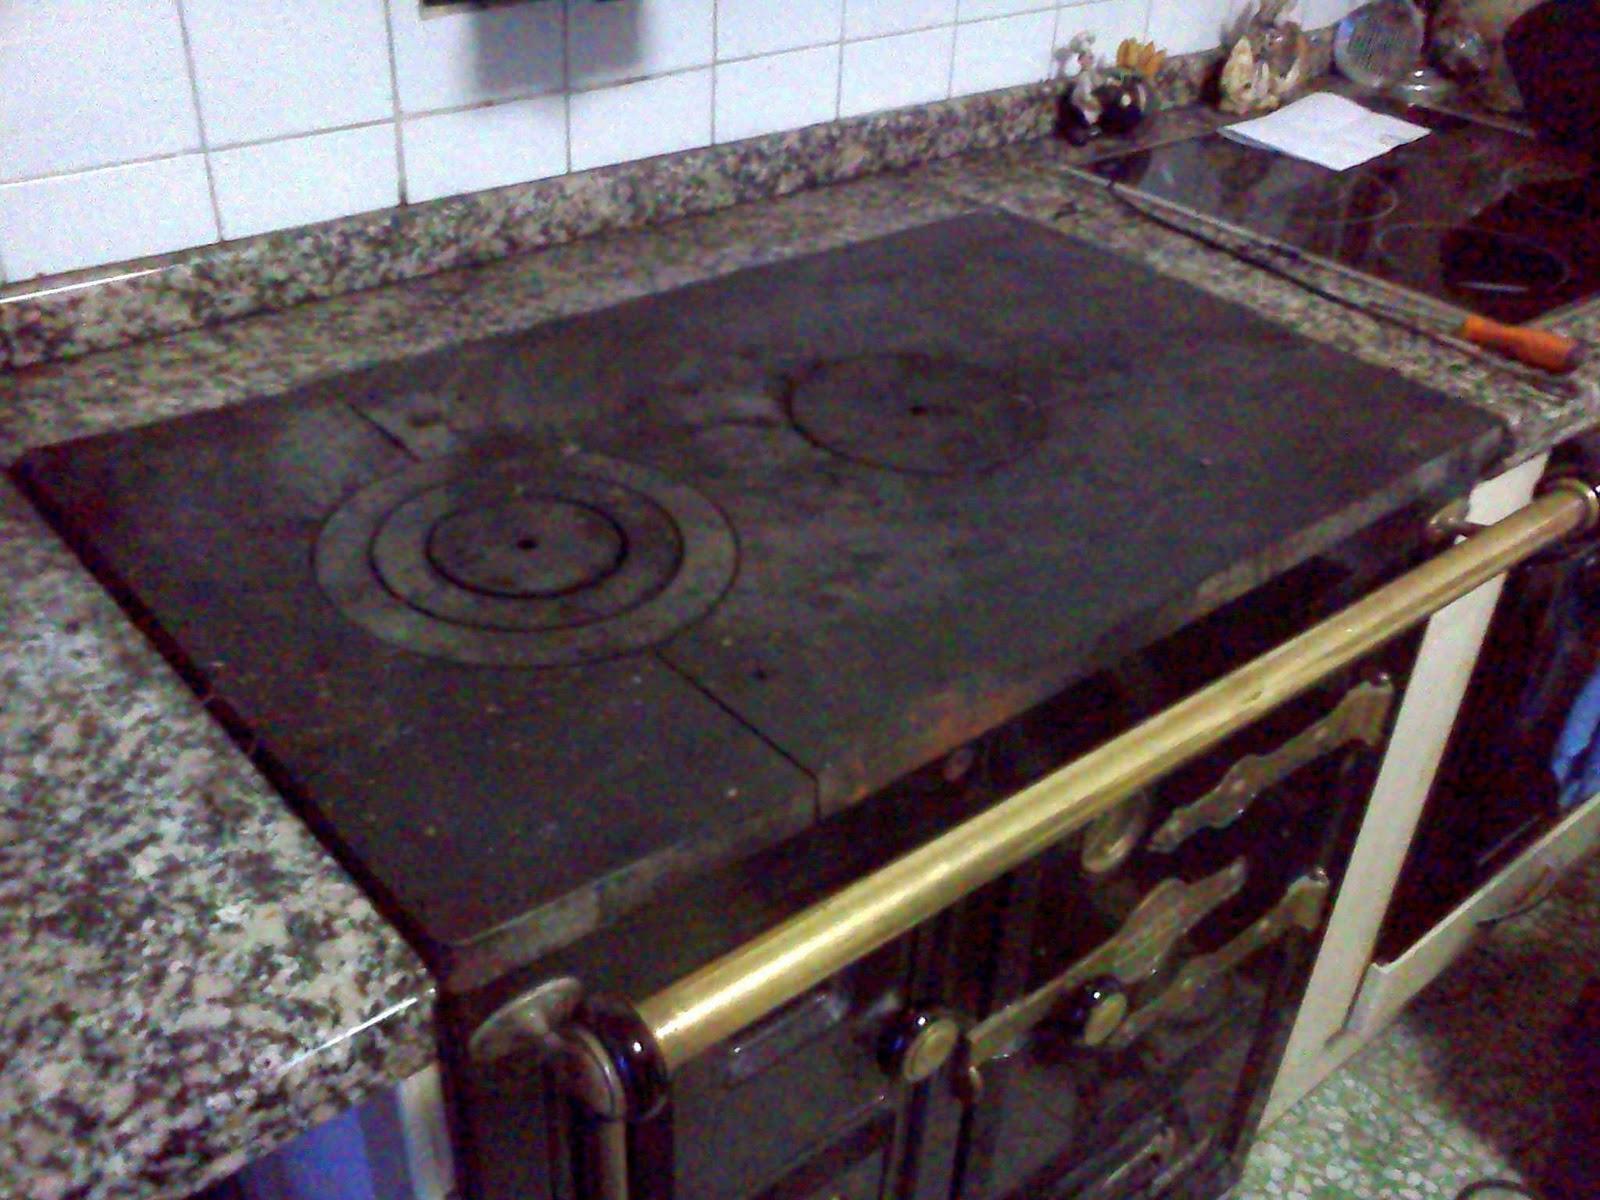 Tecnolog a para un progreso sostenible calentar la casa for Planos de cocina economica a lena